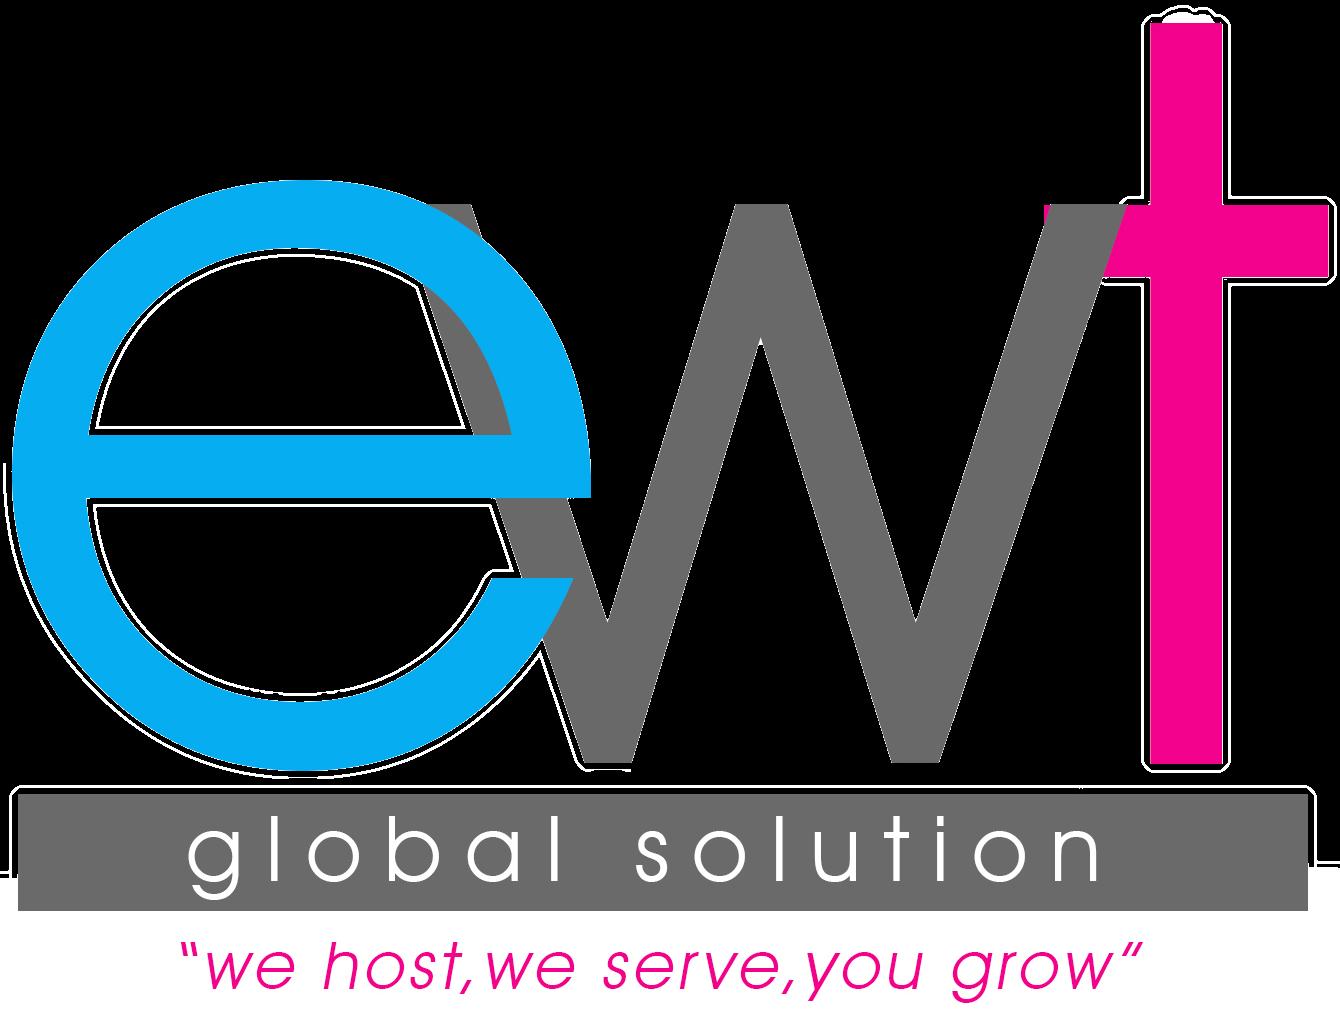 Official Blog of EWTNET